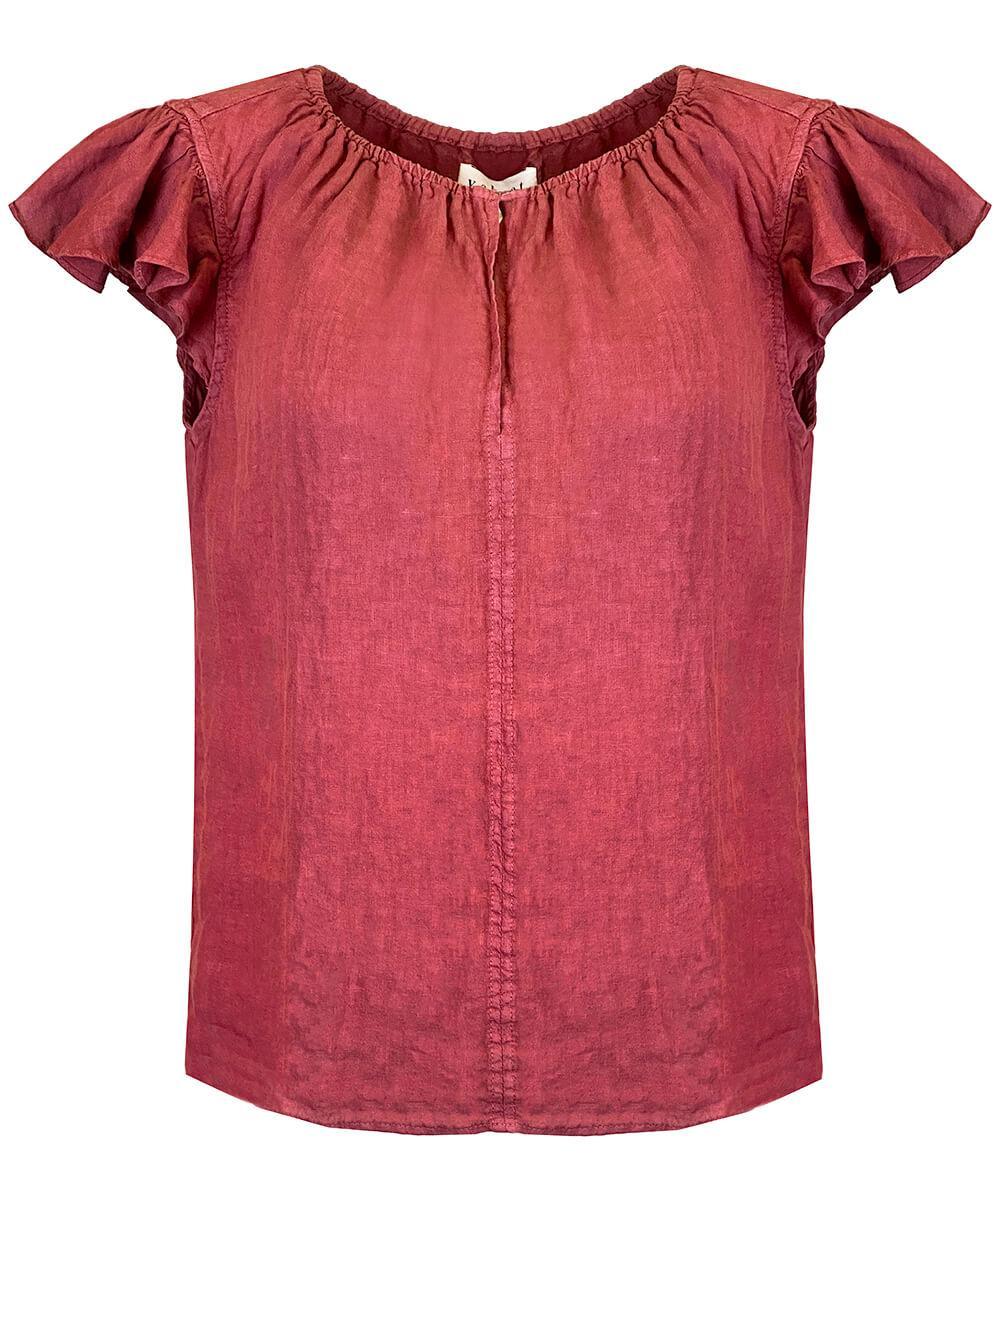 Linen Ruffle Sleeve V- Neck Top Item # IRENE04